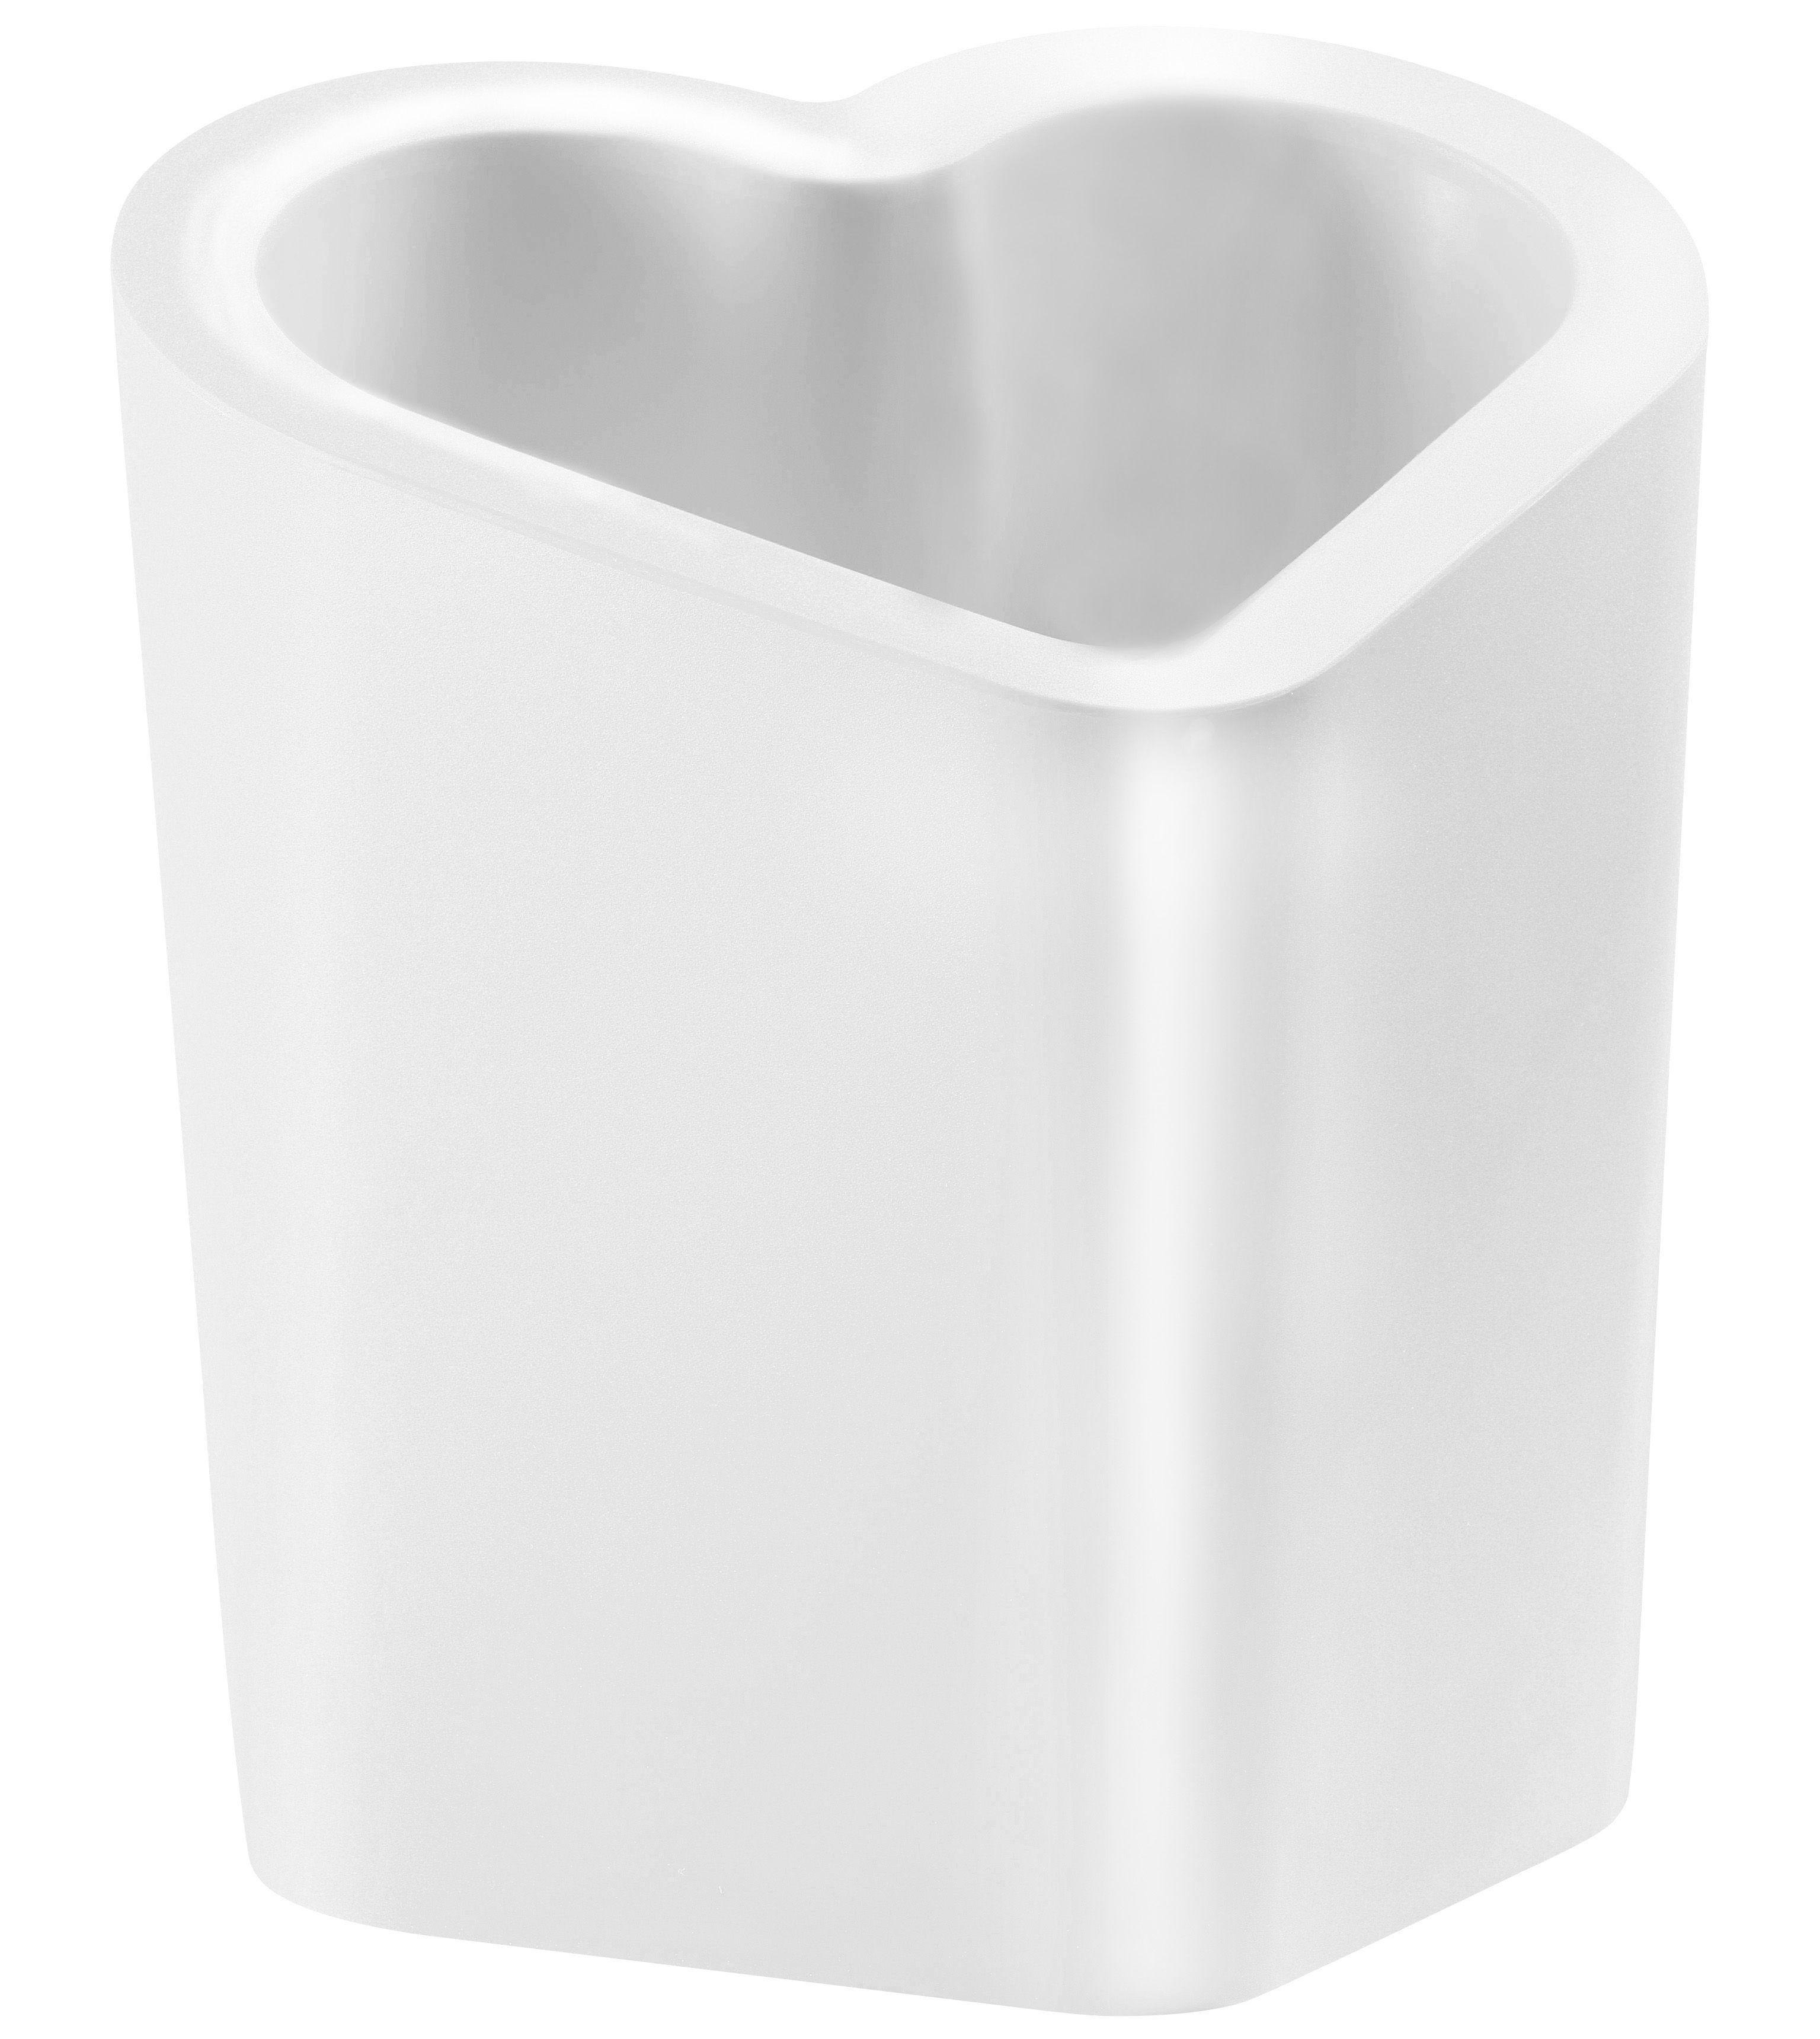 Jardin - Pots et plantes - Pot de fleurs Mon Amour / version laquée - Slide - Blanc laqué - Polyéthylène